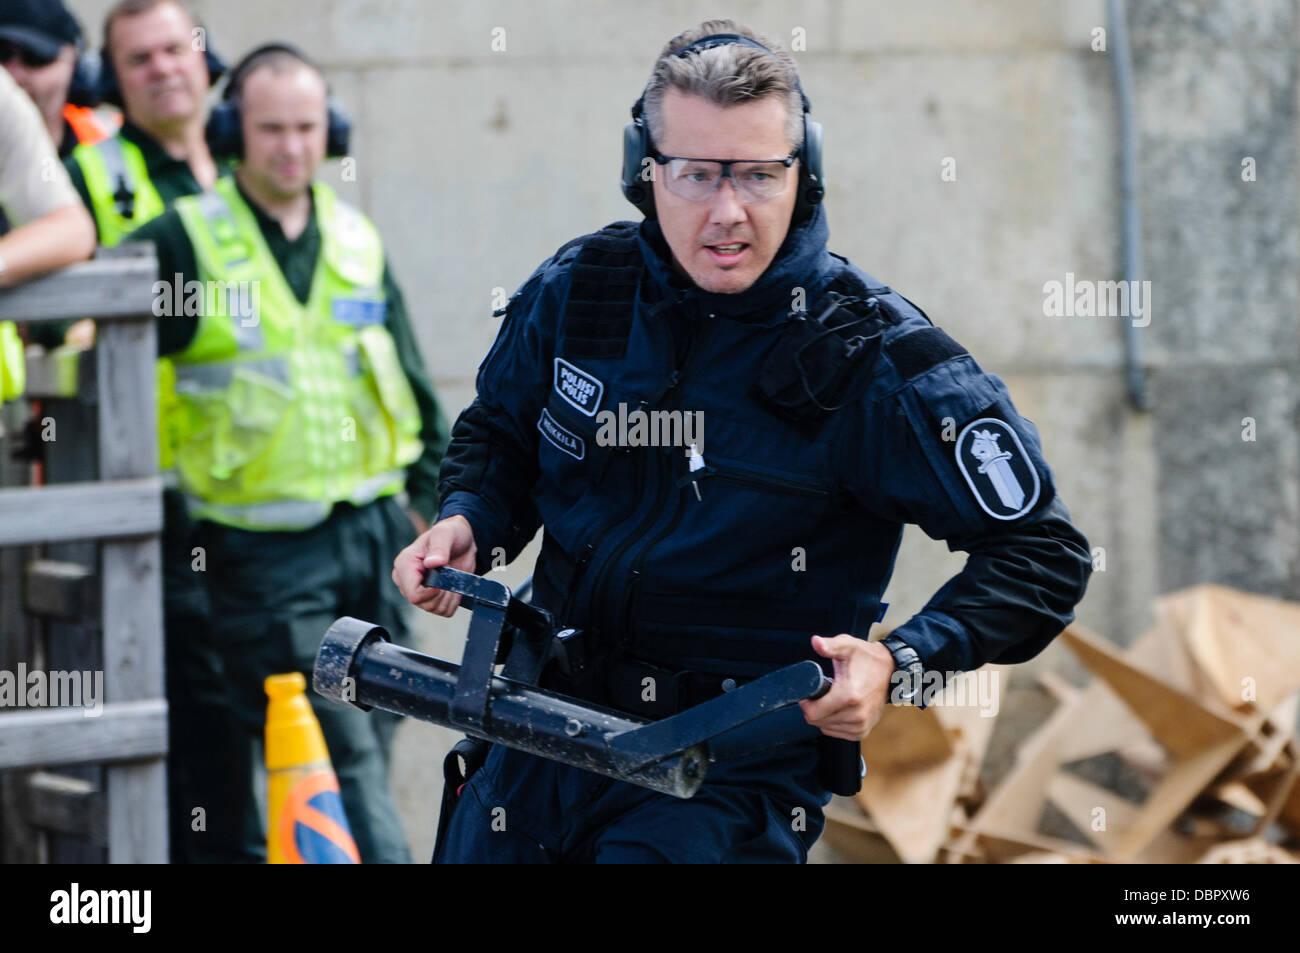 Ballykinlar, Irlanda del Norte. El 2 de agosto de 2013 - un competidor finlandés se ejecuta con un 'Enforcer' en un evento de SWAT Credit: Stephen Barnes/Alamy Live News Foto de stock